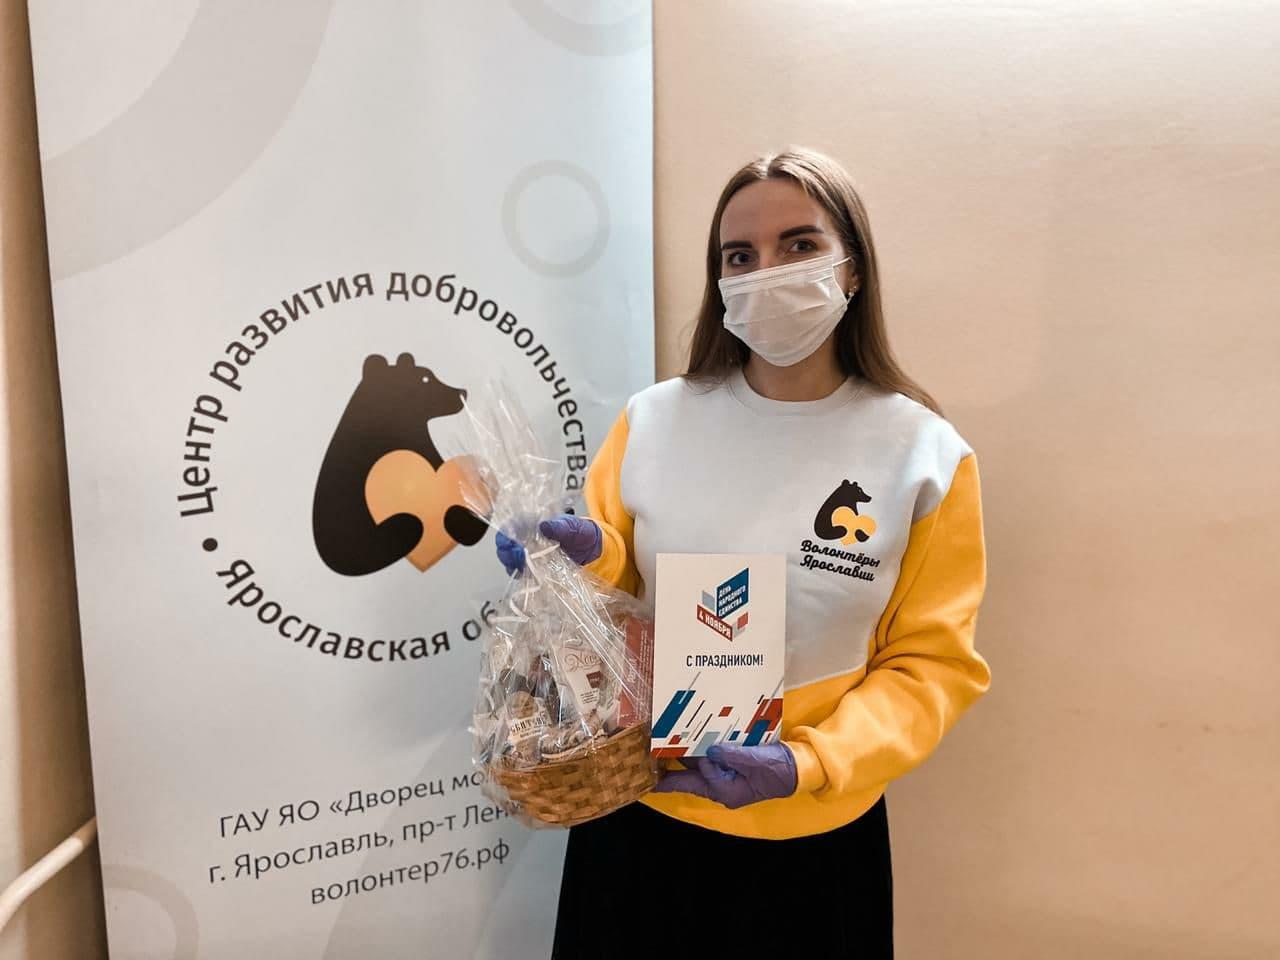 Волонтеры Ярославля поздравляют одиноких пожилых людей с наступающим Днем народного единства